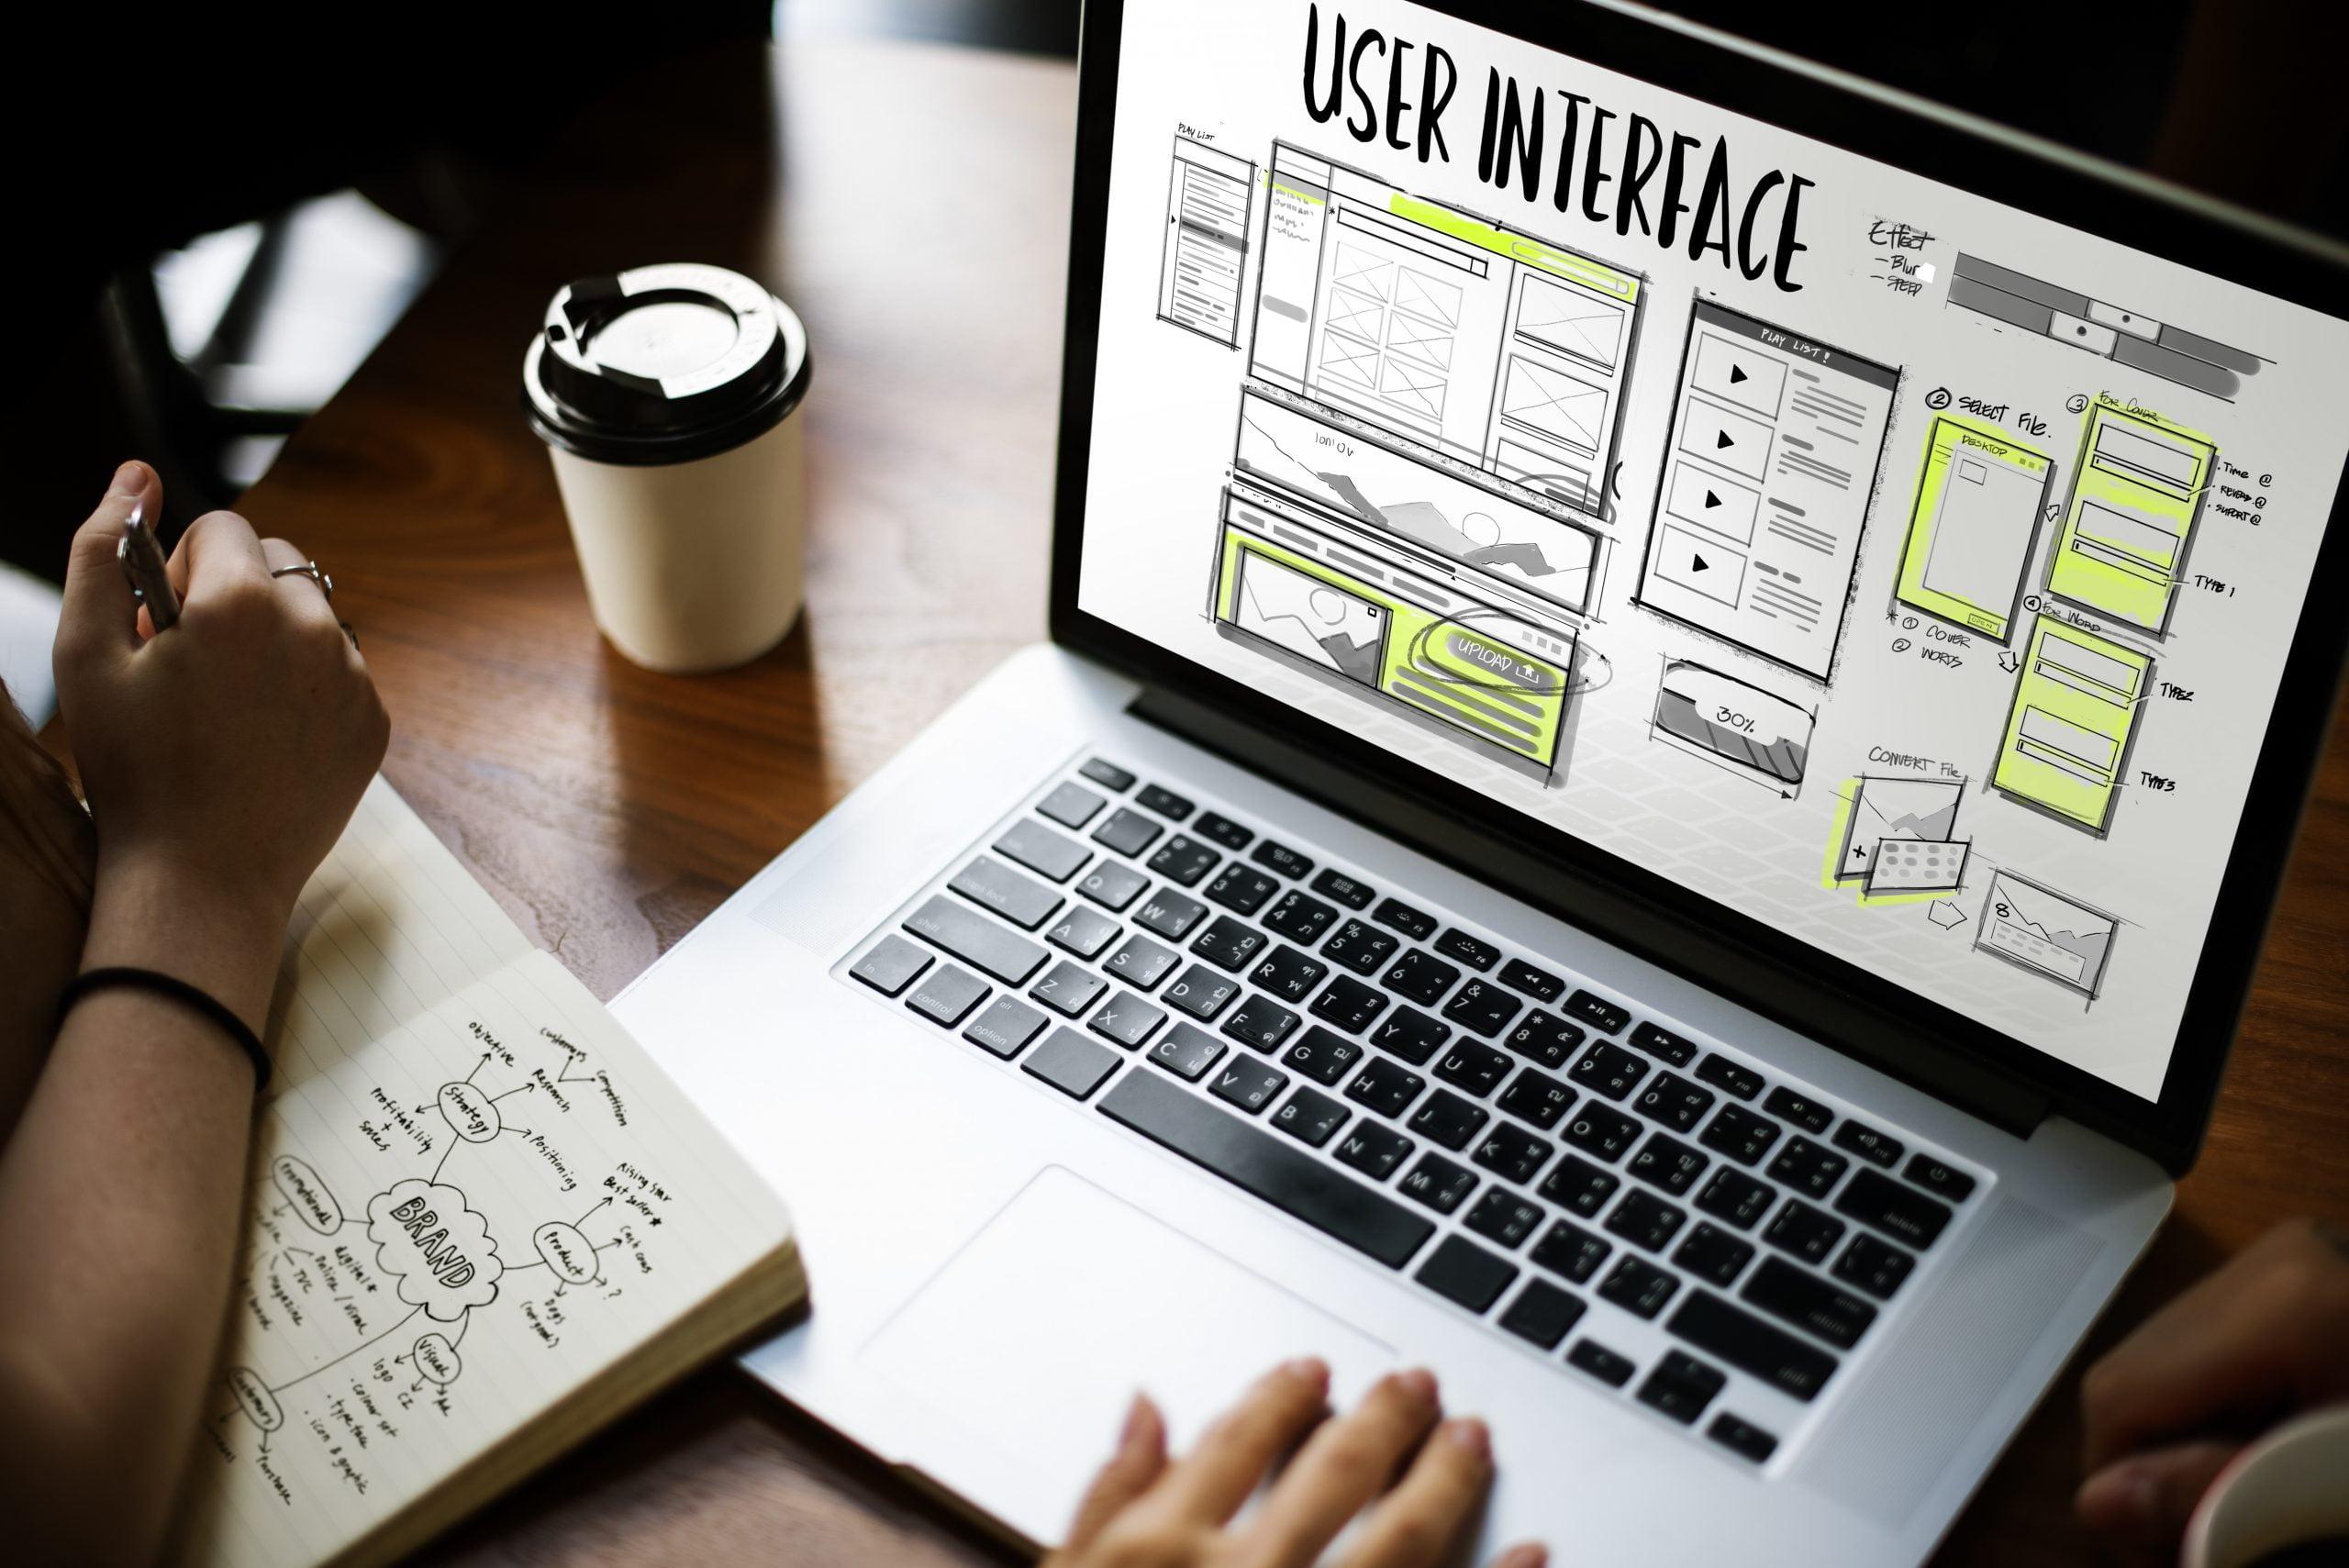 Web Sitesi Arayüzü Çizilirken Dikkat Edilmesi Gerekenler Nelerdir?